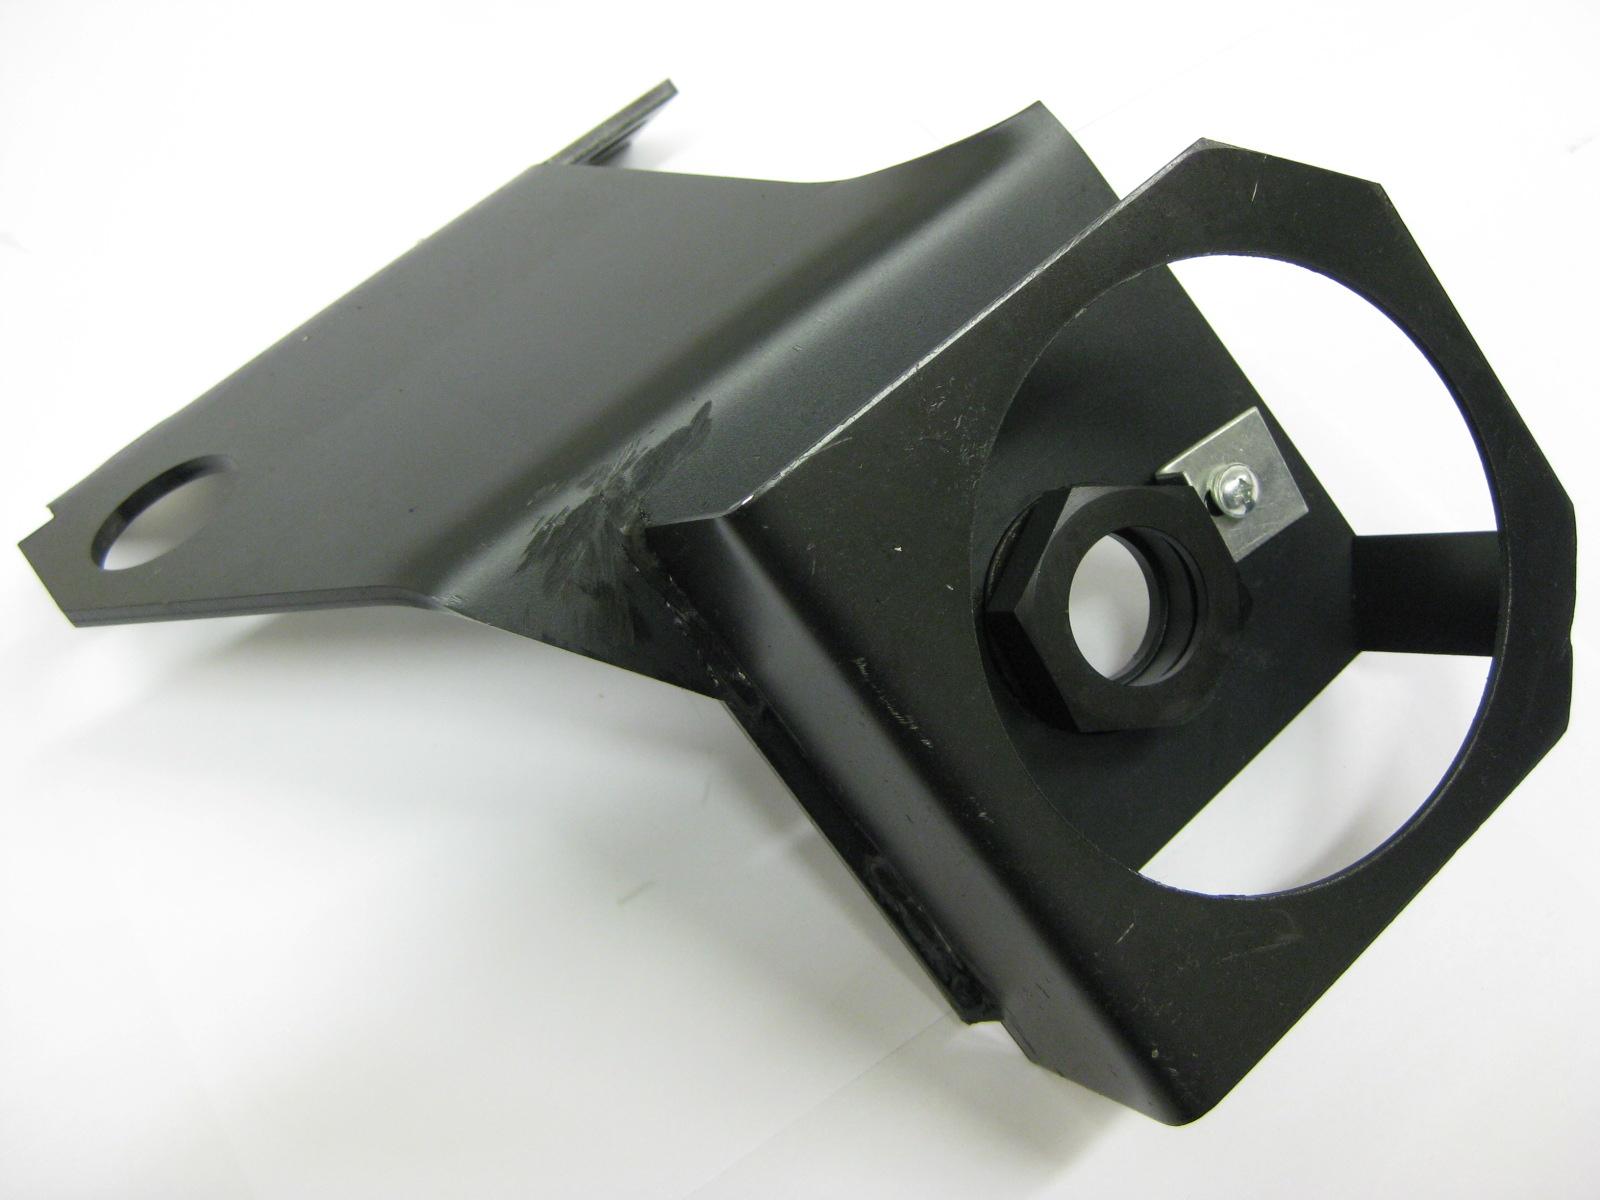 konzola řadící páky W9-1 Multicar 25